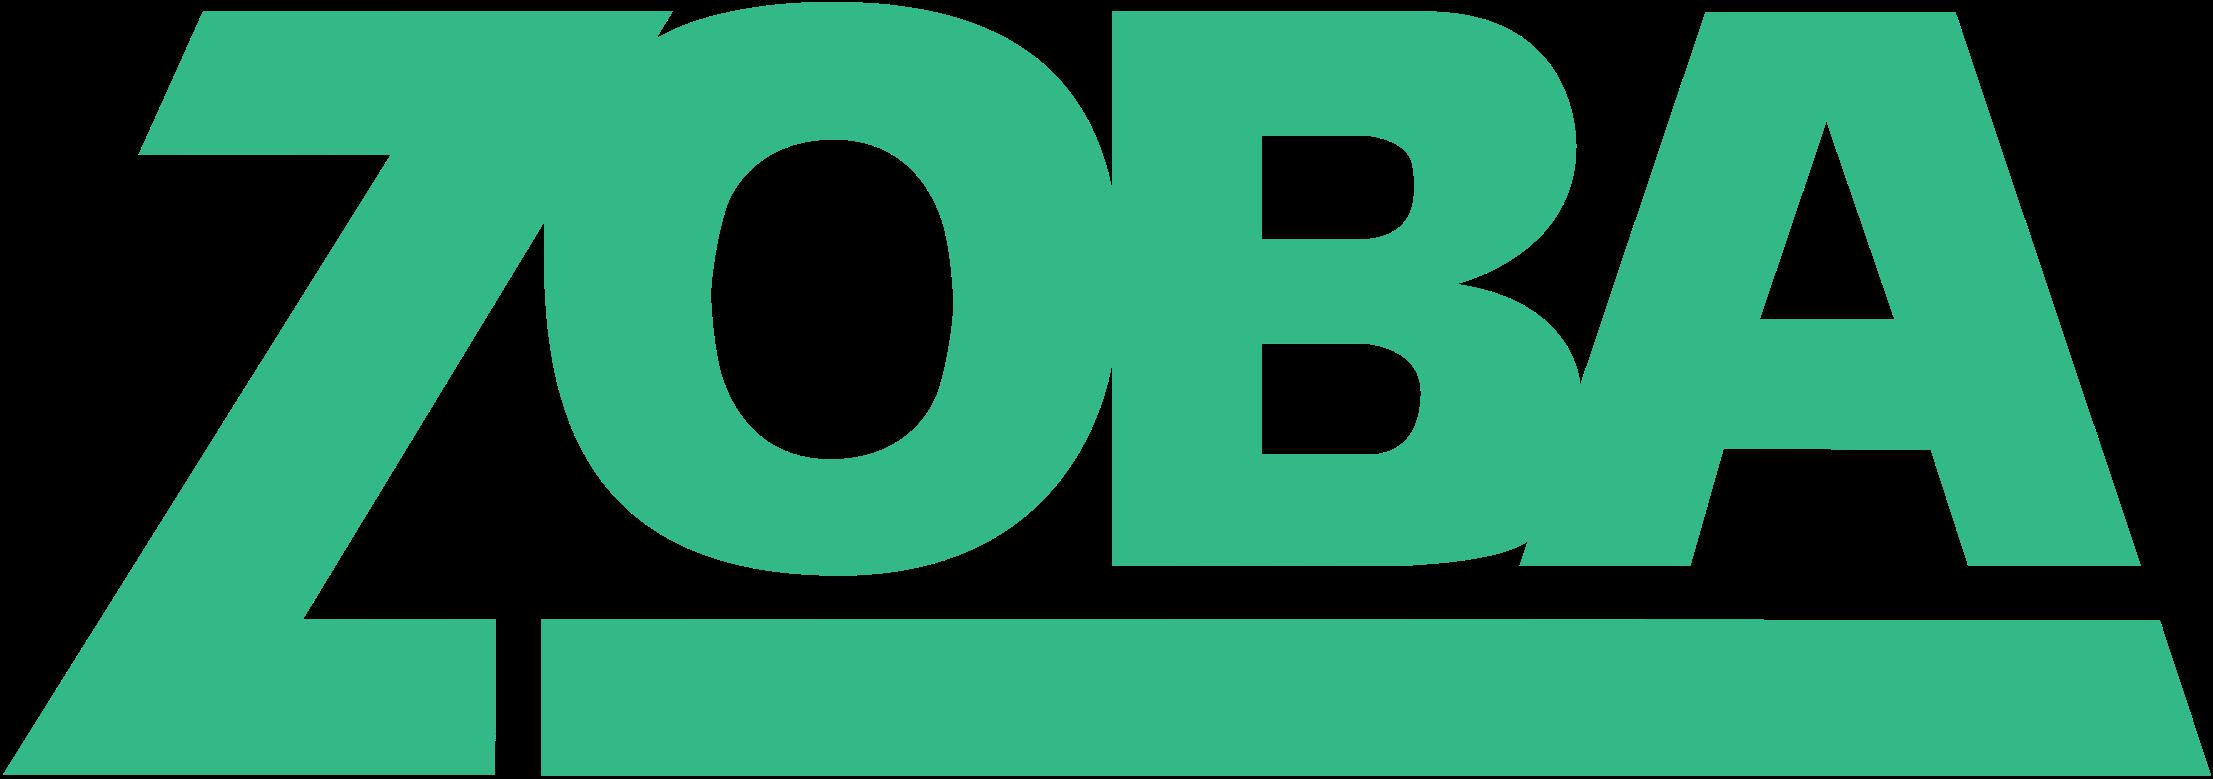 ZOBA Zollberatung und -abwicklung GmbH